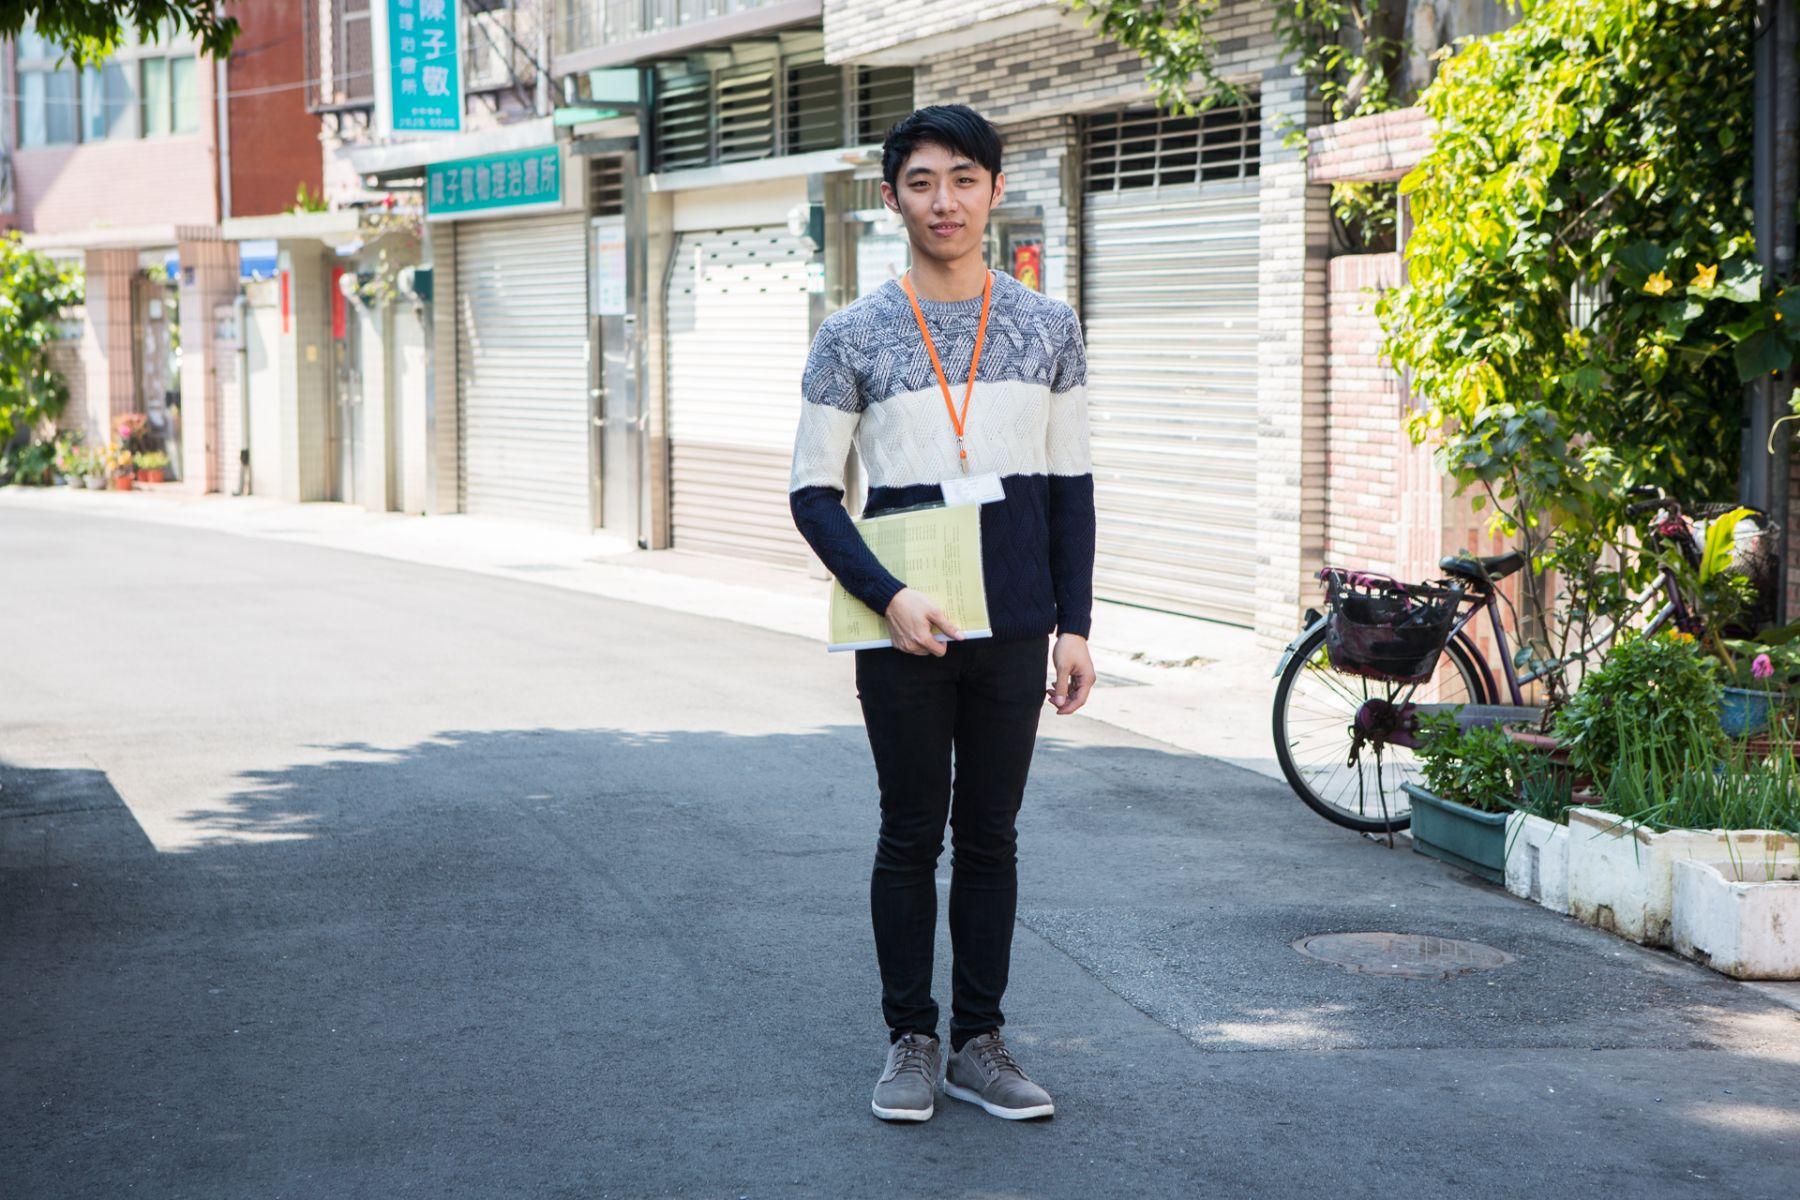 22歲年輕人穿梭巷弄照顧長輩!他因這件事,讓遺憾轉成服務動力